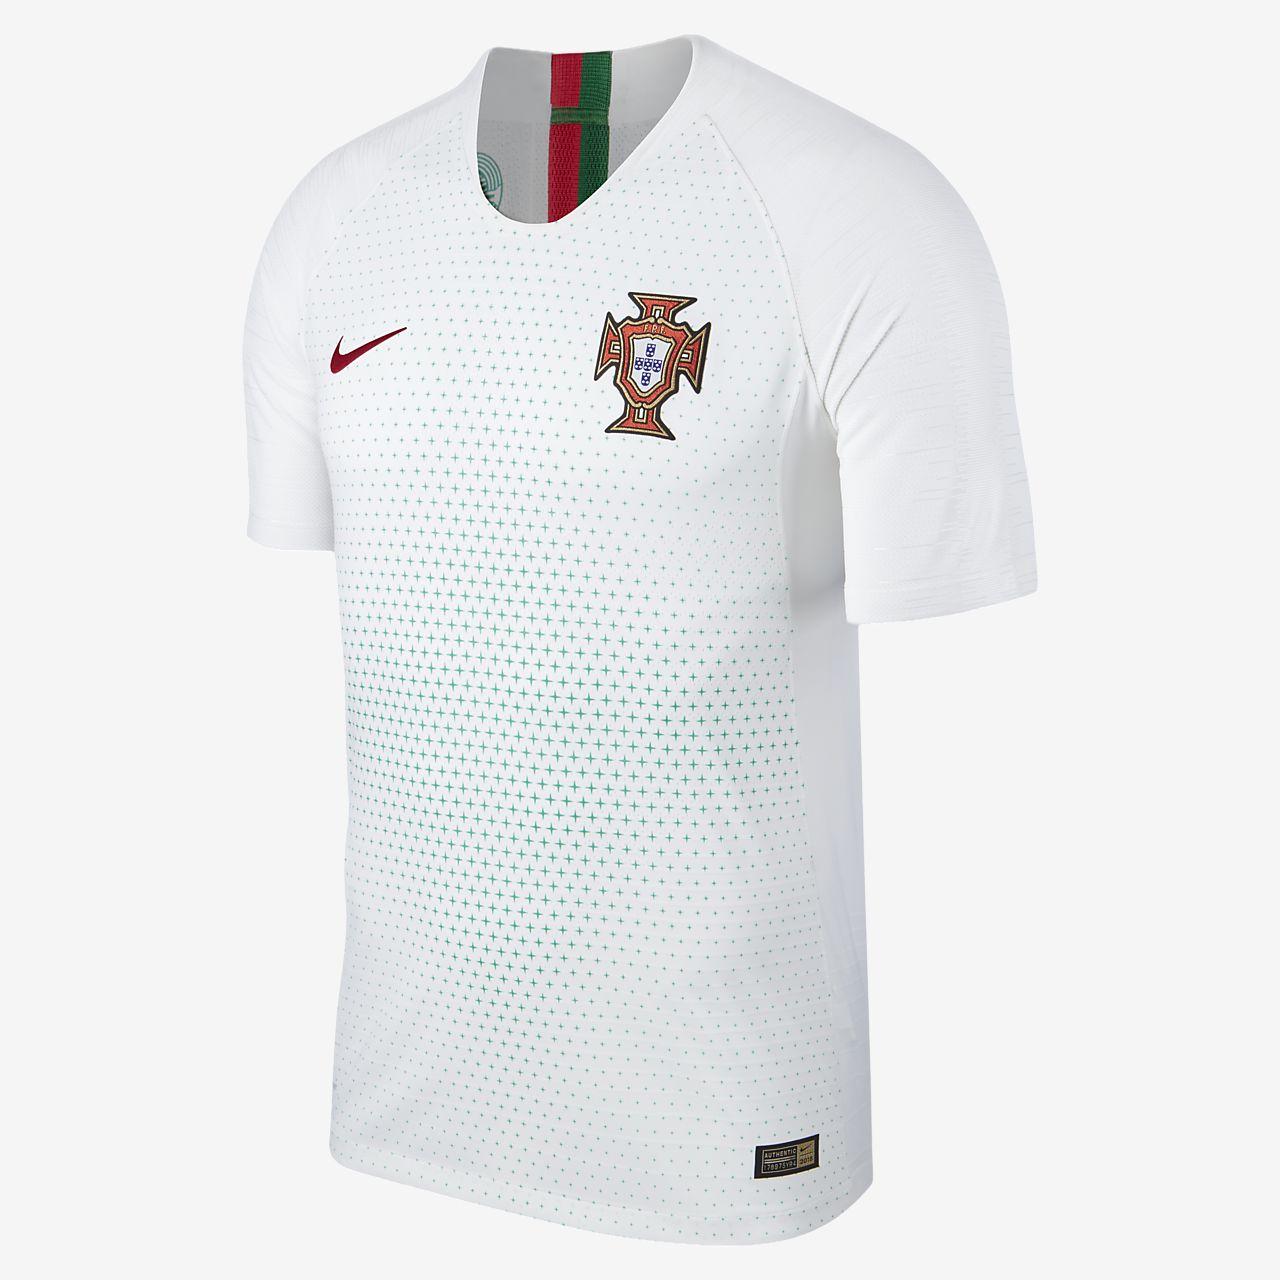 Camiseta de fútbol para hombre 2018 Portugal Vapor Match Away. Nike ... 6ff90ecda820e